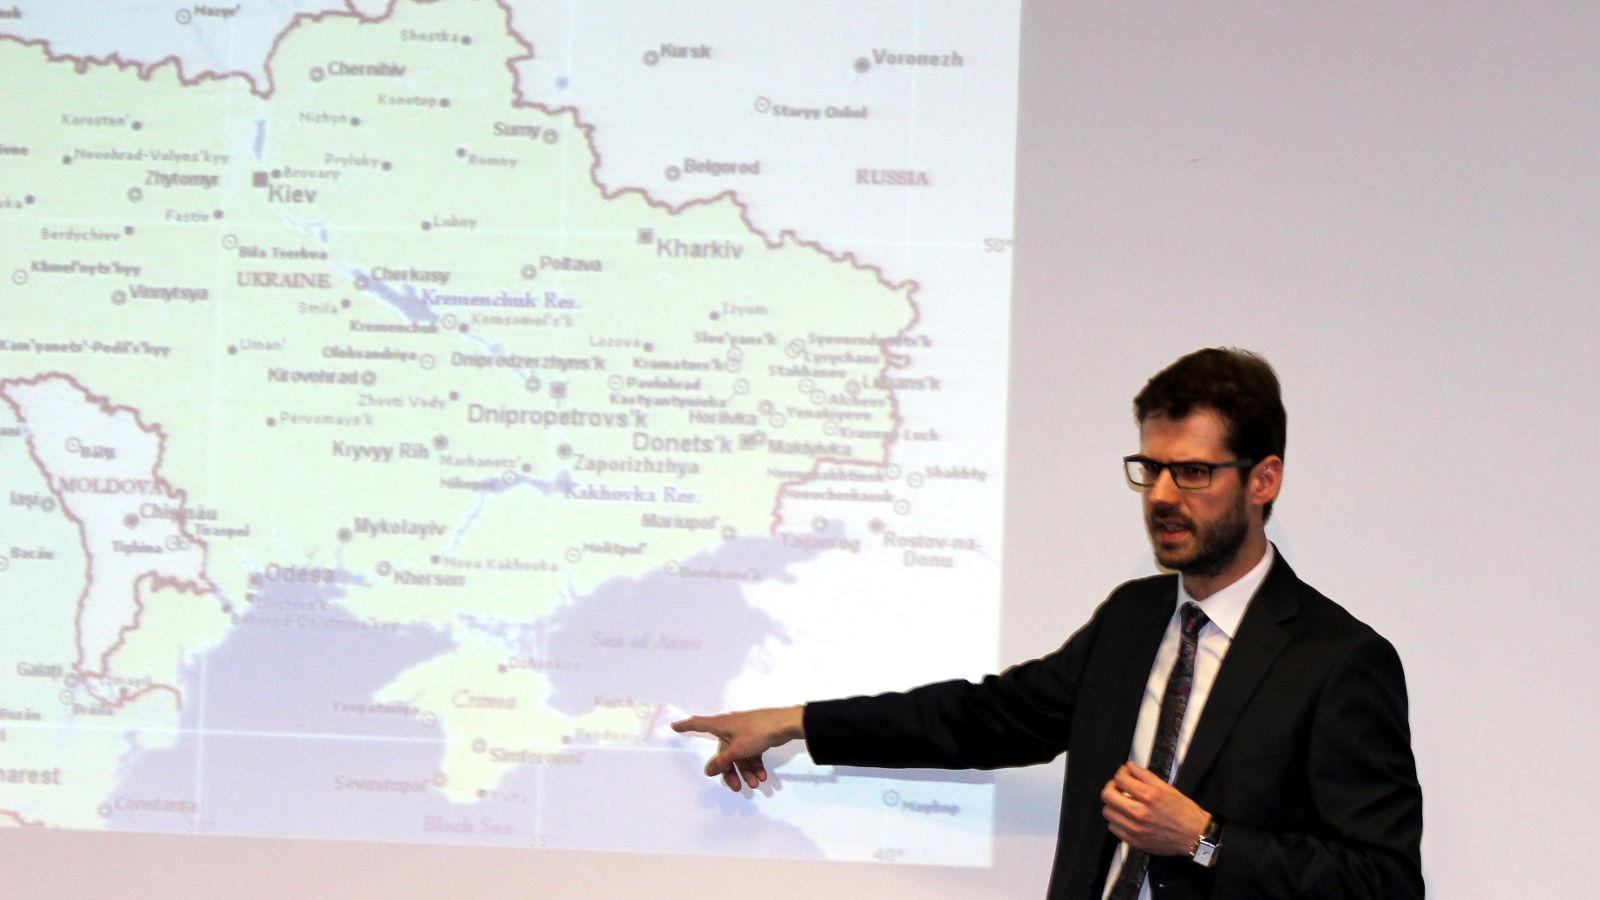 Russlands Krieg in der Ukraine - Karte